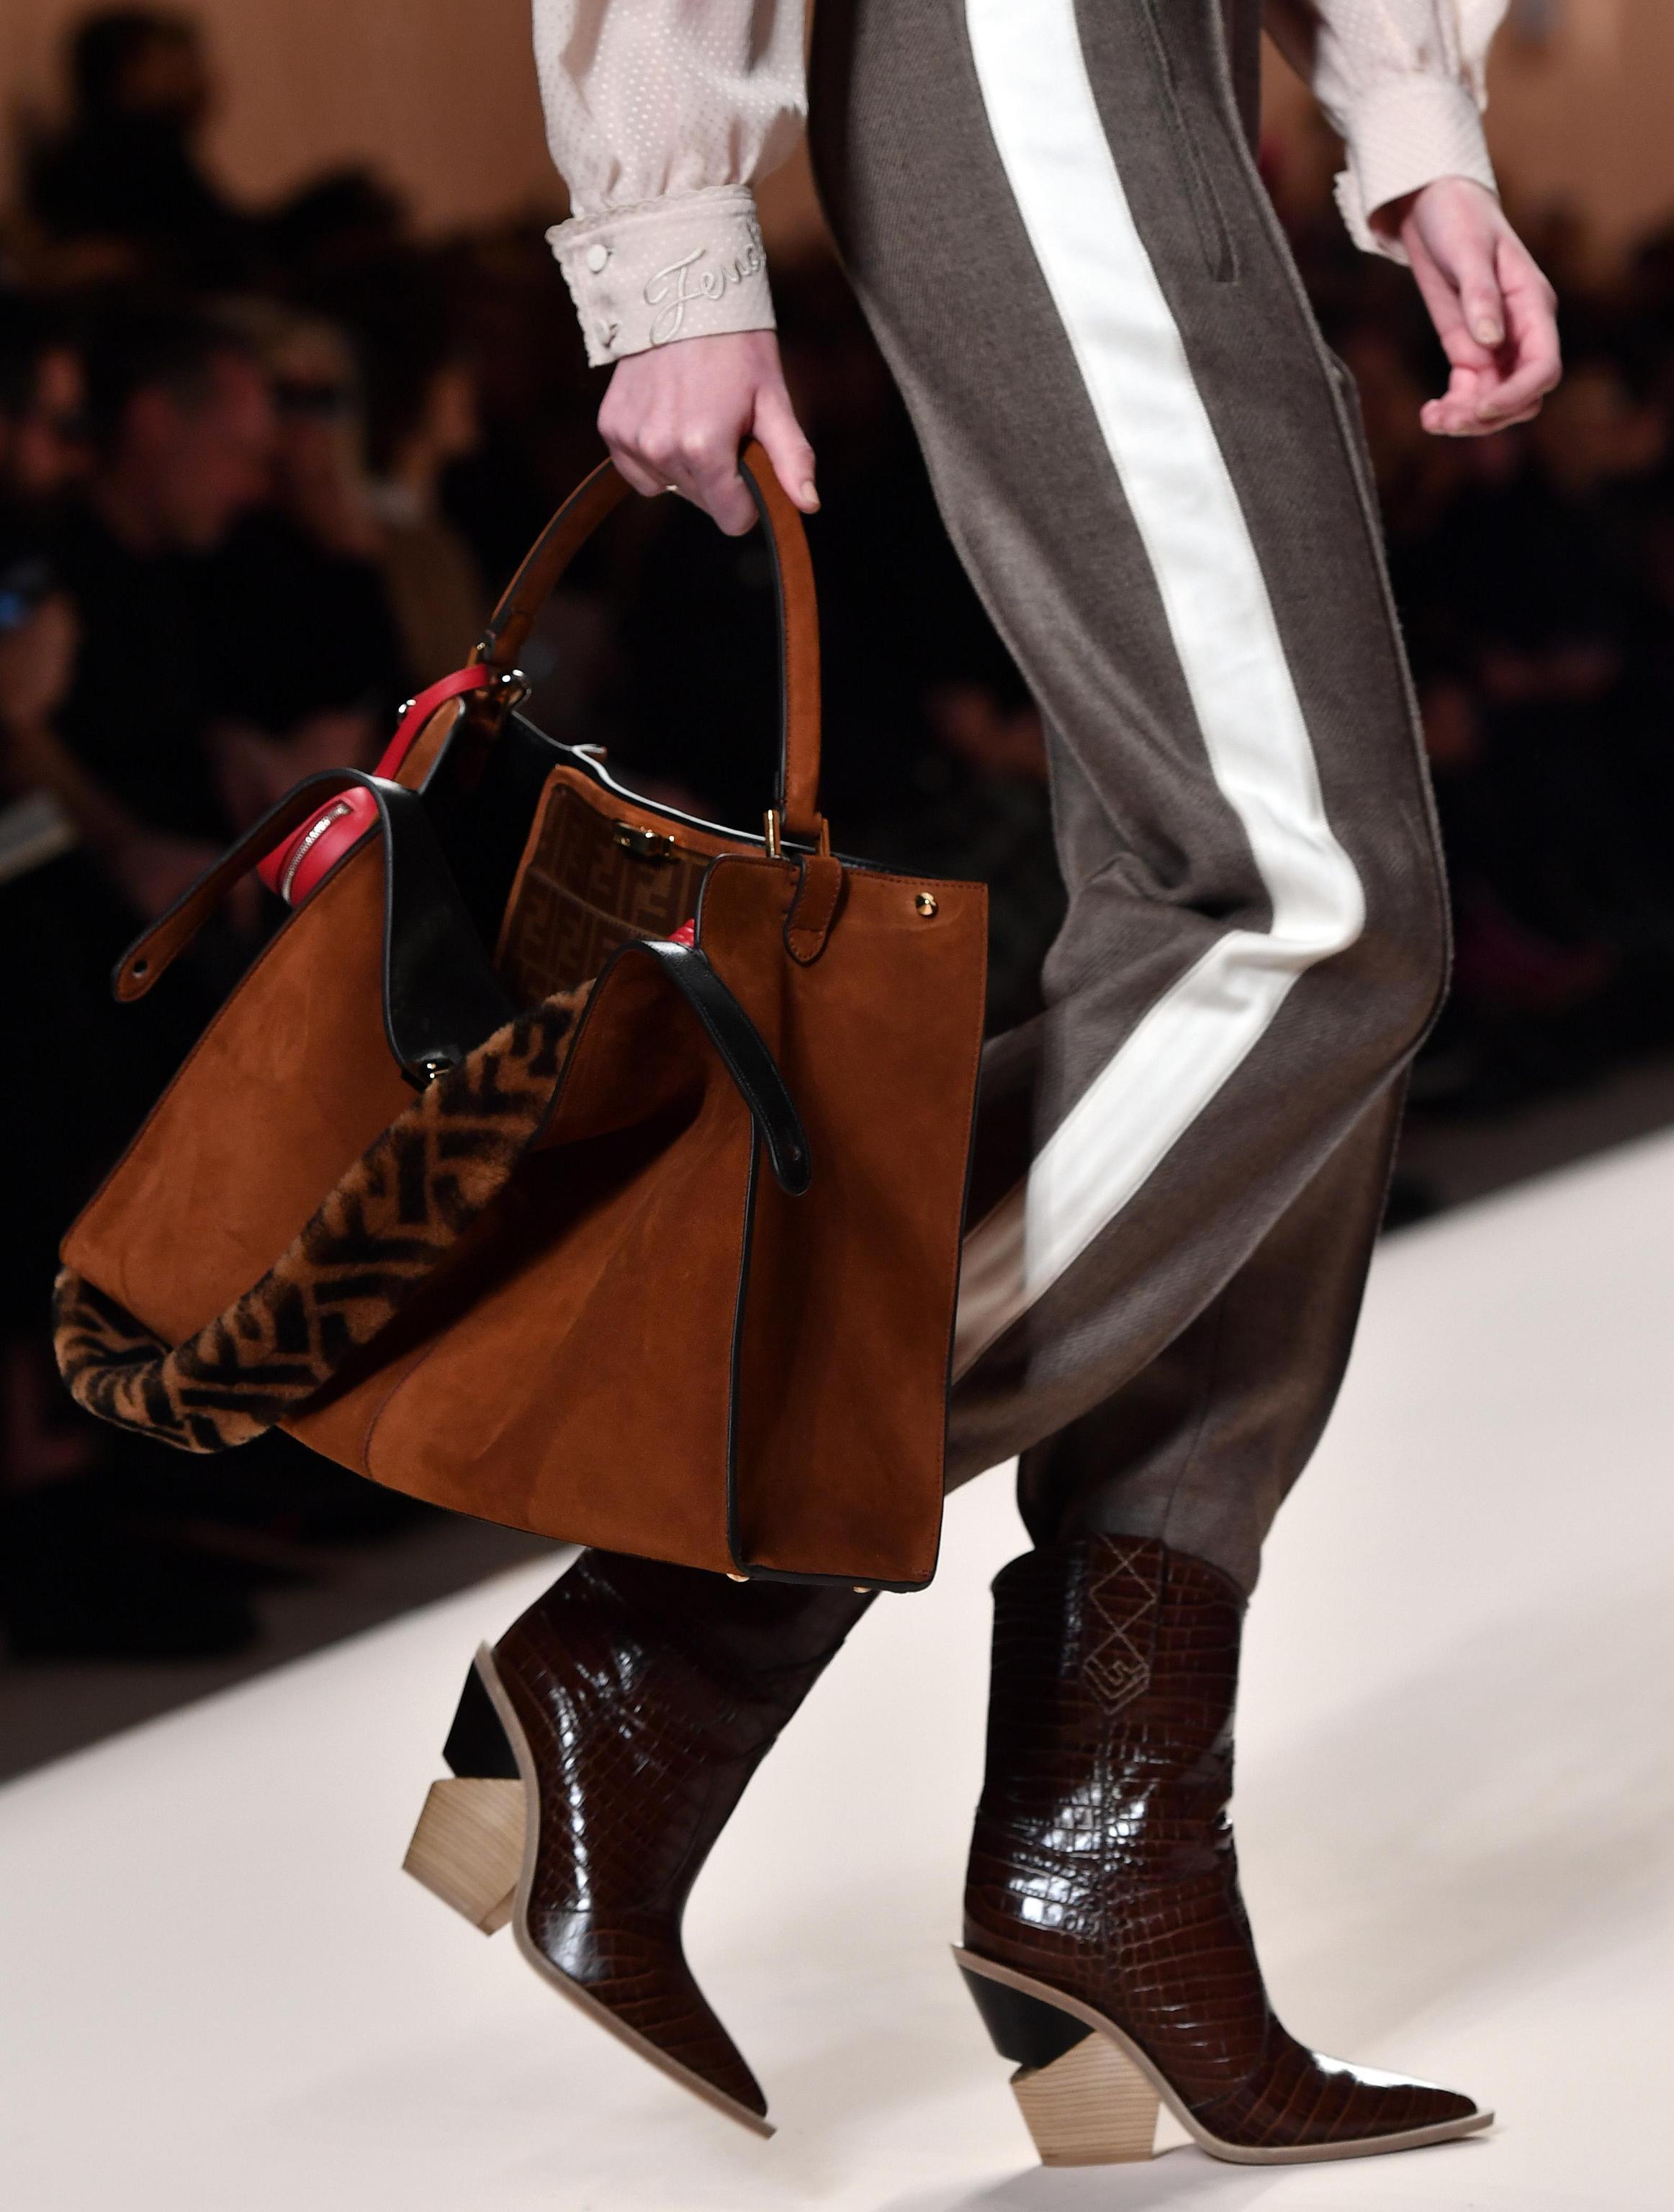 Le borse must have del 2019  55 modelli di tendenza  92d9854a663